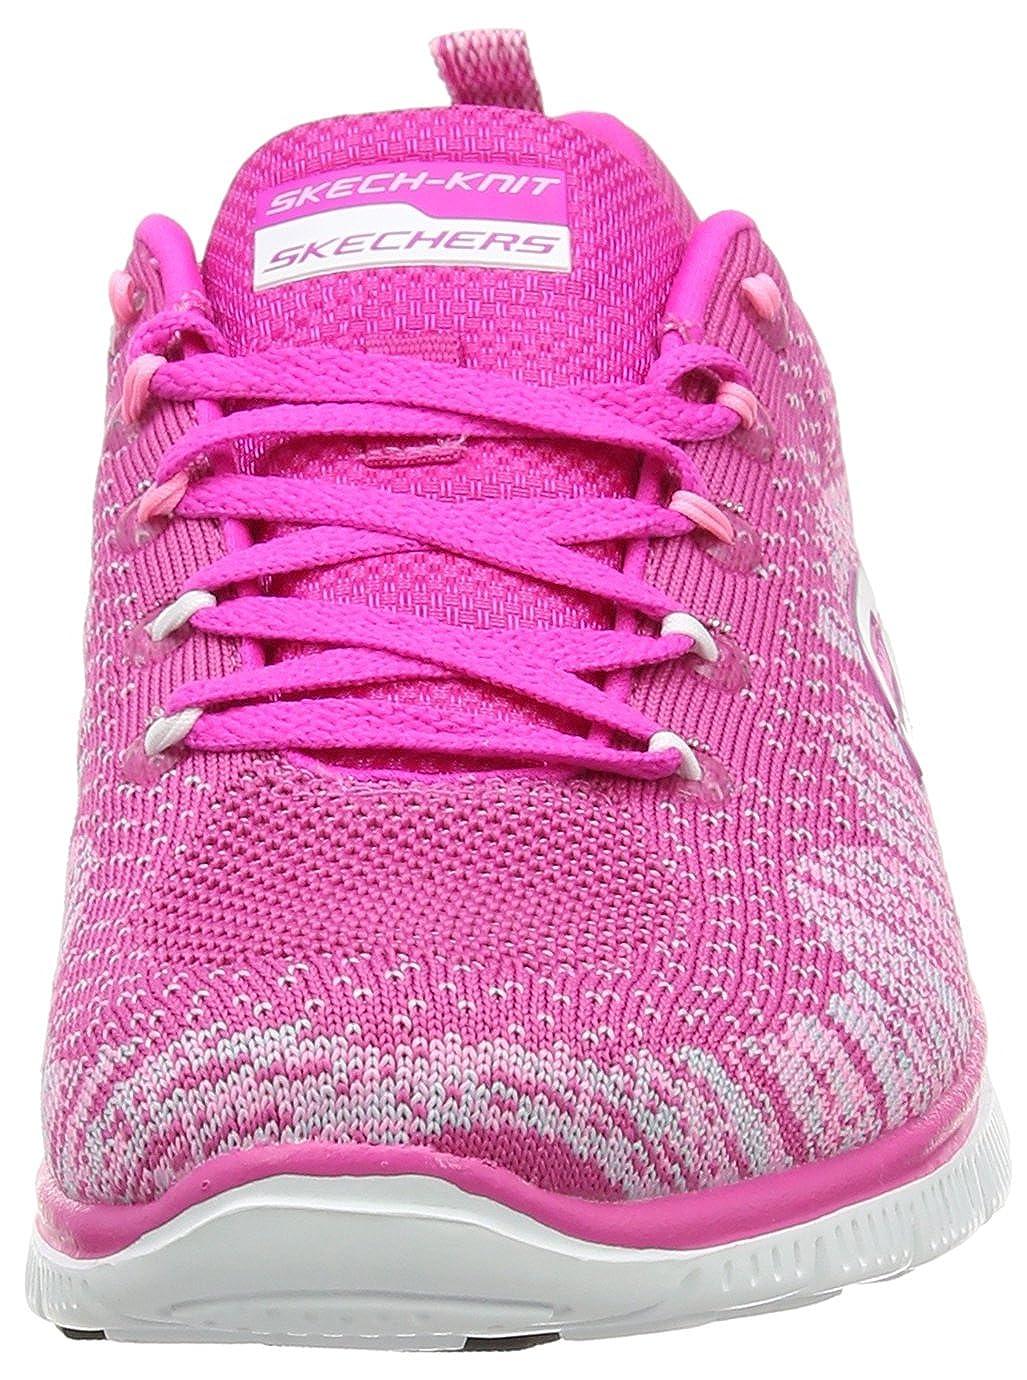 Skechers Sport Women s Talent Flair Fashion Sneaker 12059